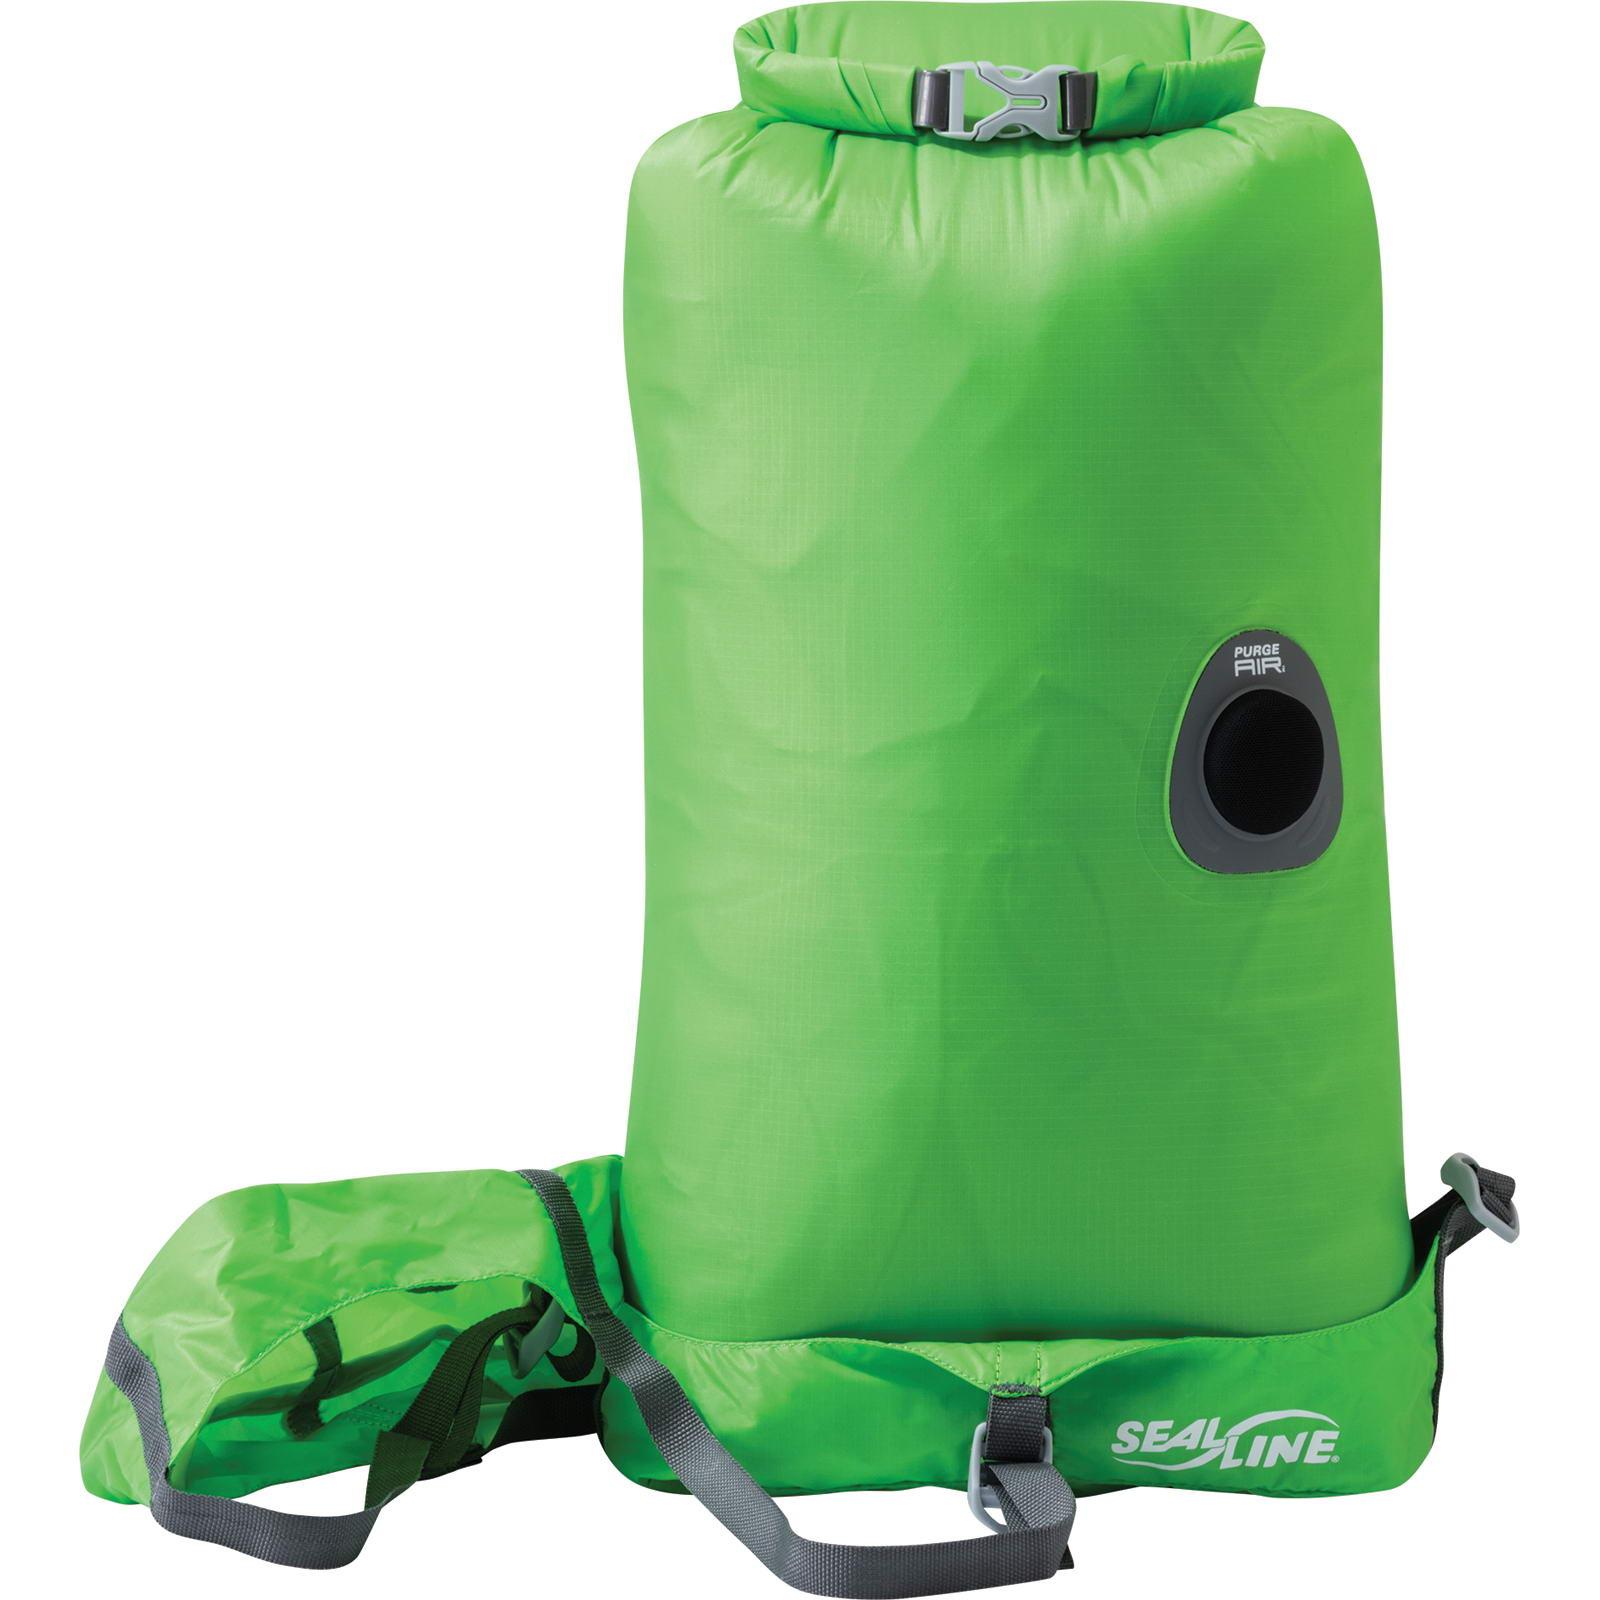 Sealline BlockerLite™ Dry Compress 5 - Kompressionstrockensack green - Bild 3